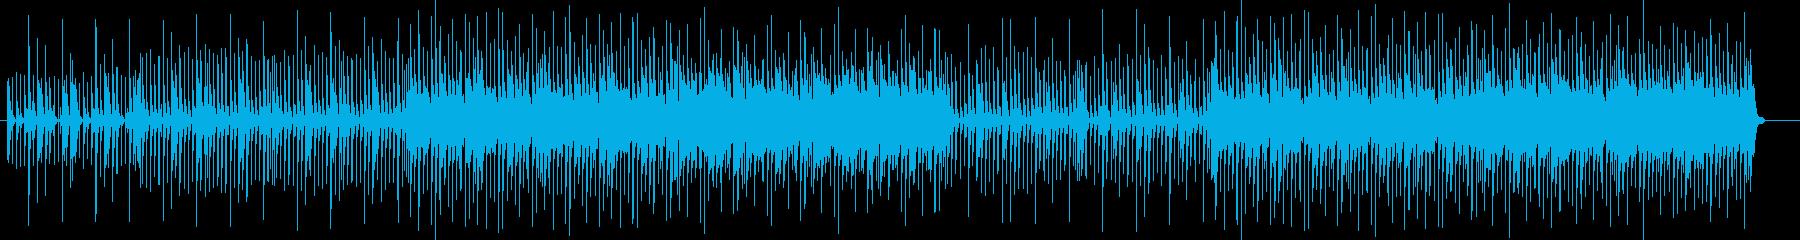 おしゃれで近未来感のあるシンセサウンドの再生済みの波形